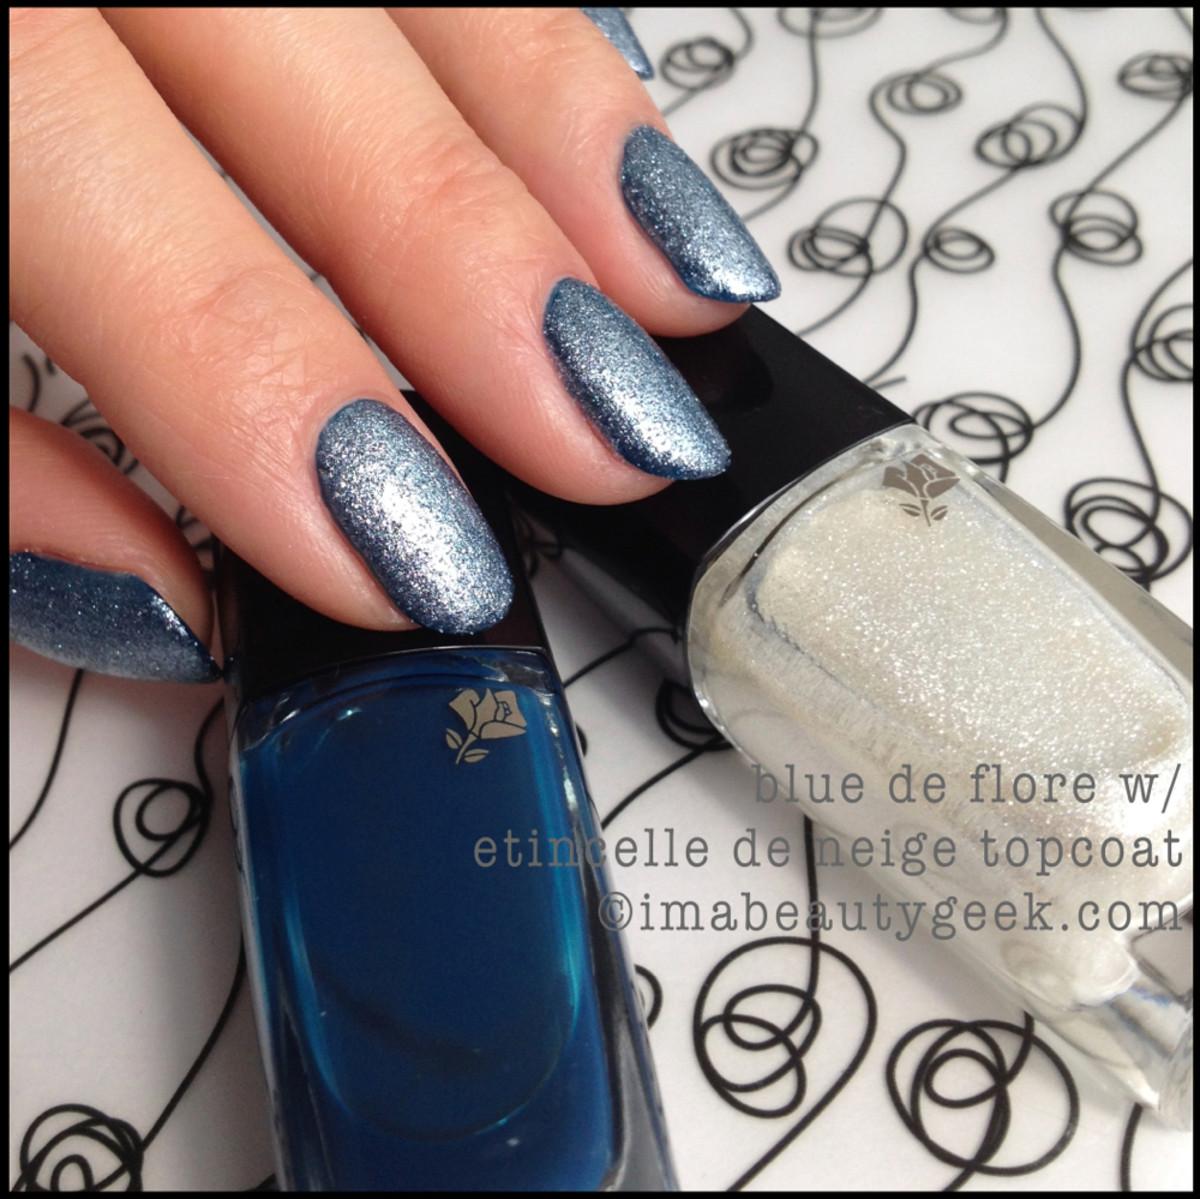 Lancome polish Bleu de Flore w Etincelle de Neige topcoat